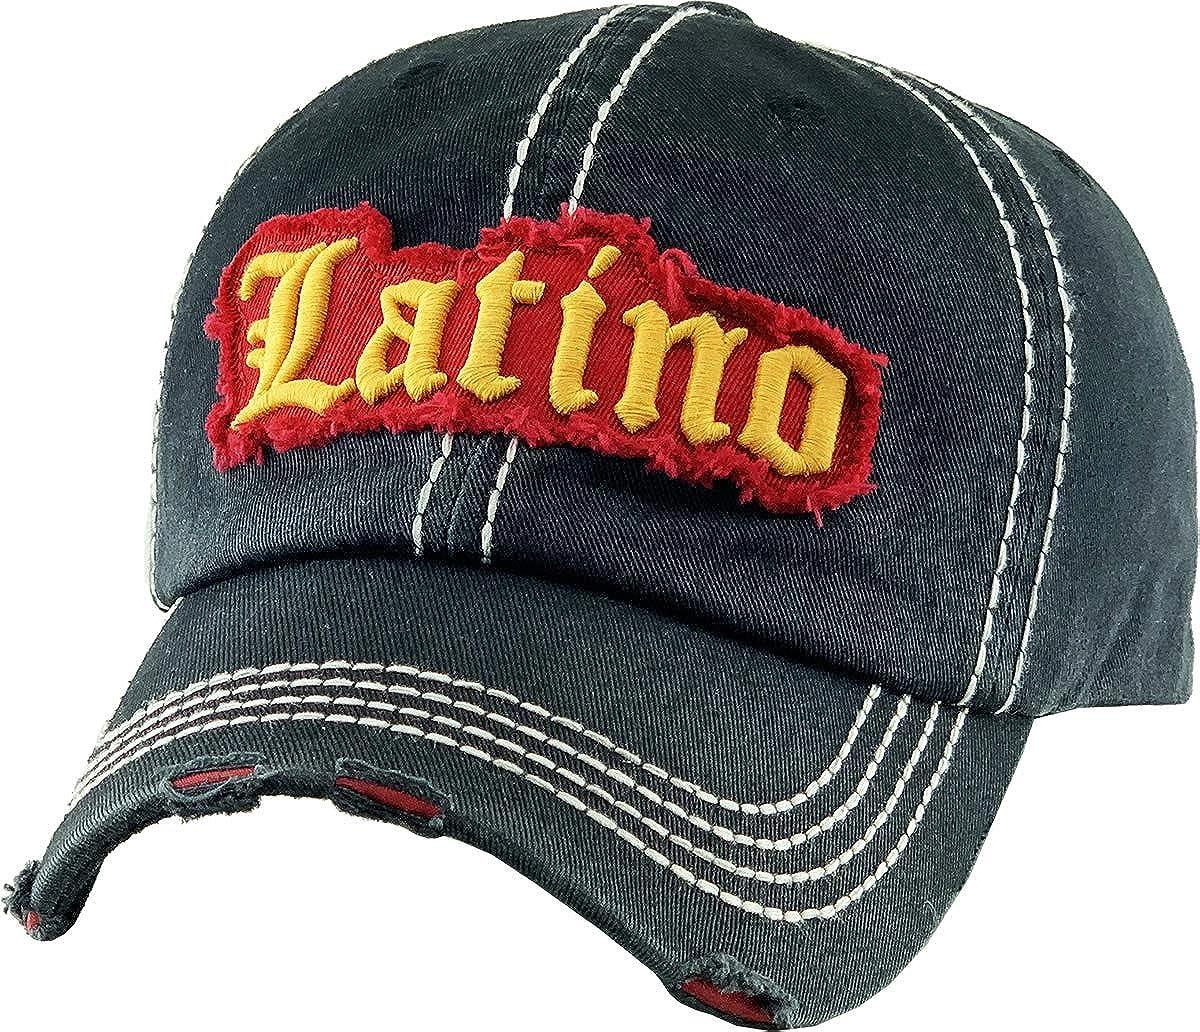 Vintage Hats Distressed Washed Baseball Cap Dad Hat One Size Adjustable Original